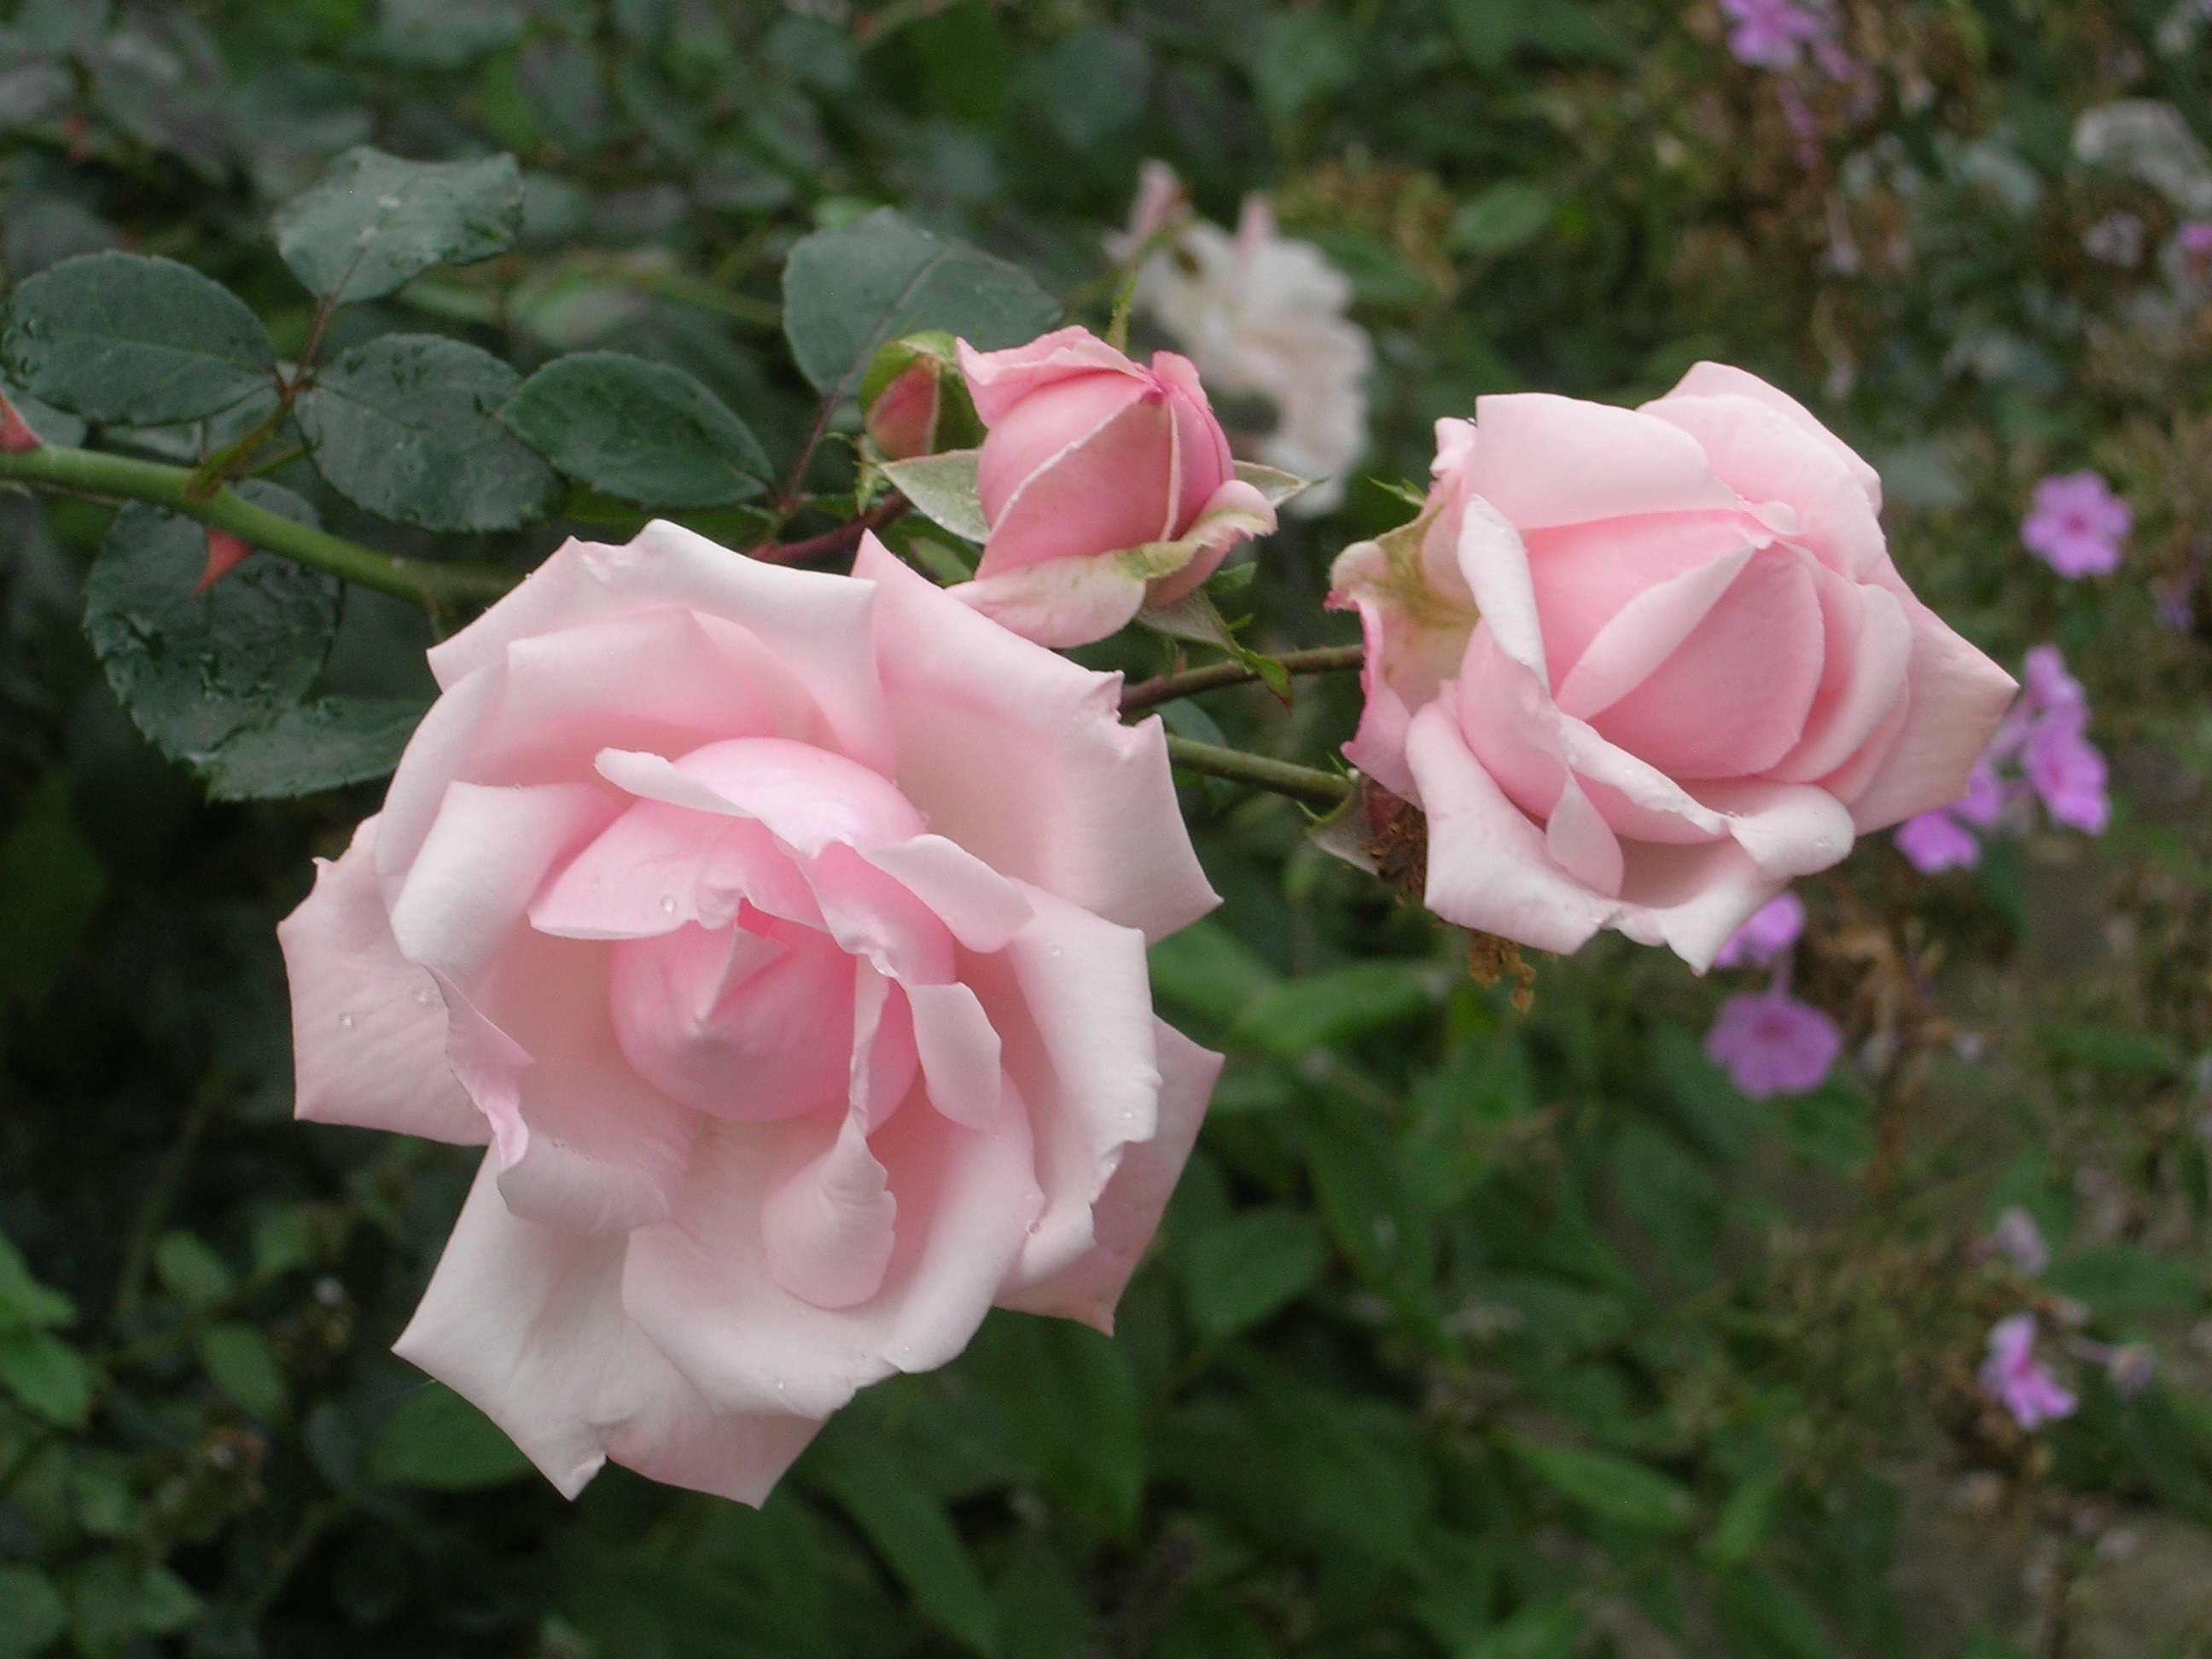 Роза плетистая new dawn — отзывы. негативные, нейтральные и положительные отзывы